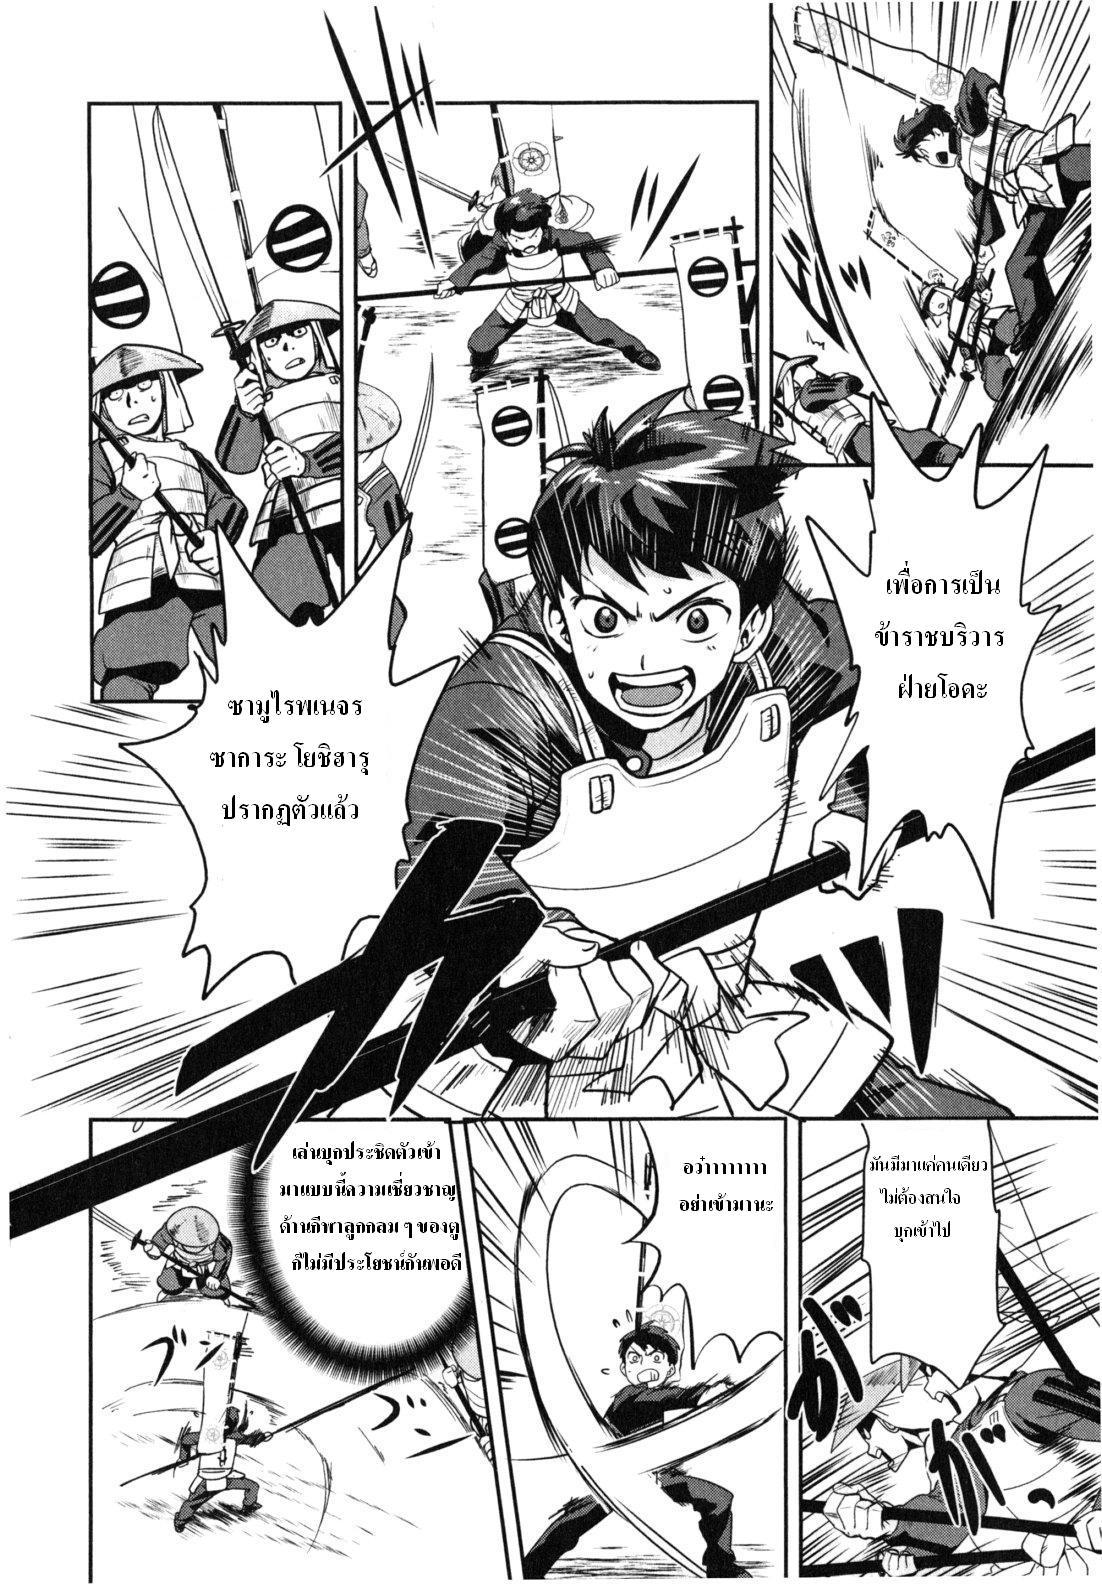 อ่านการ์ตูน Oda nobuna no yabou ch 1.2 ภาพที่ 4